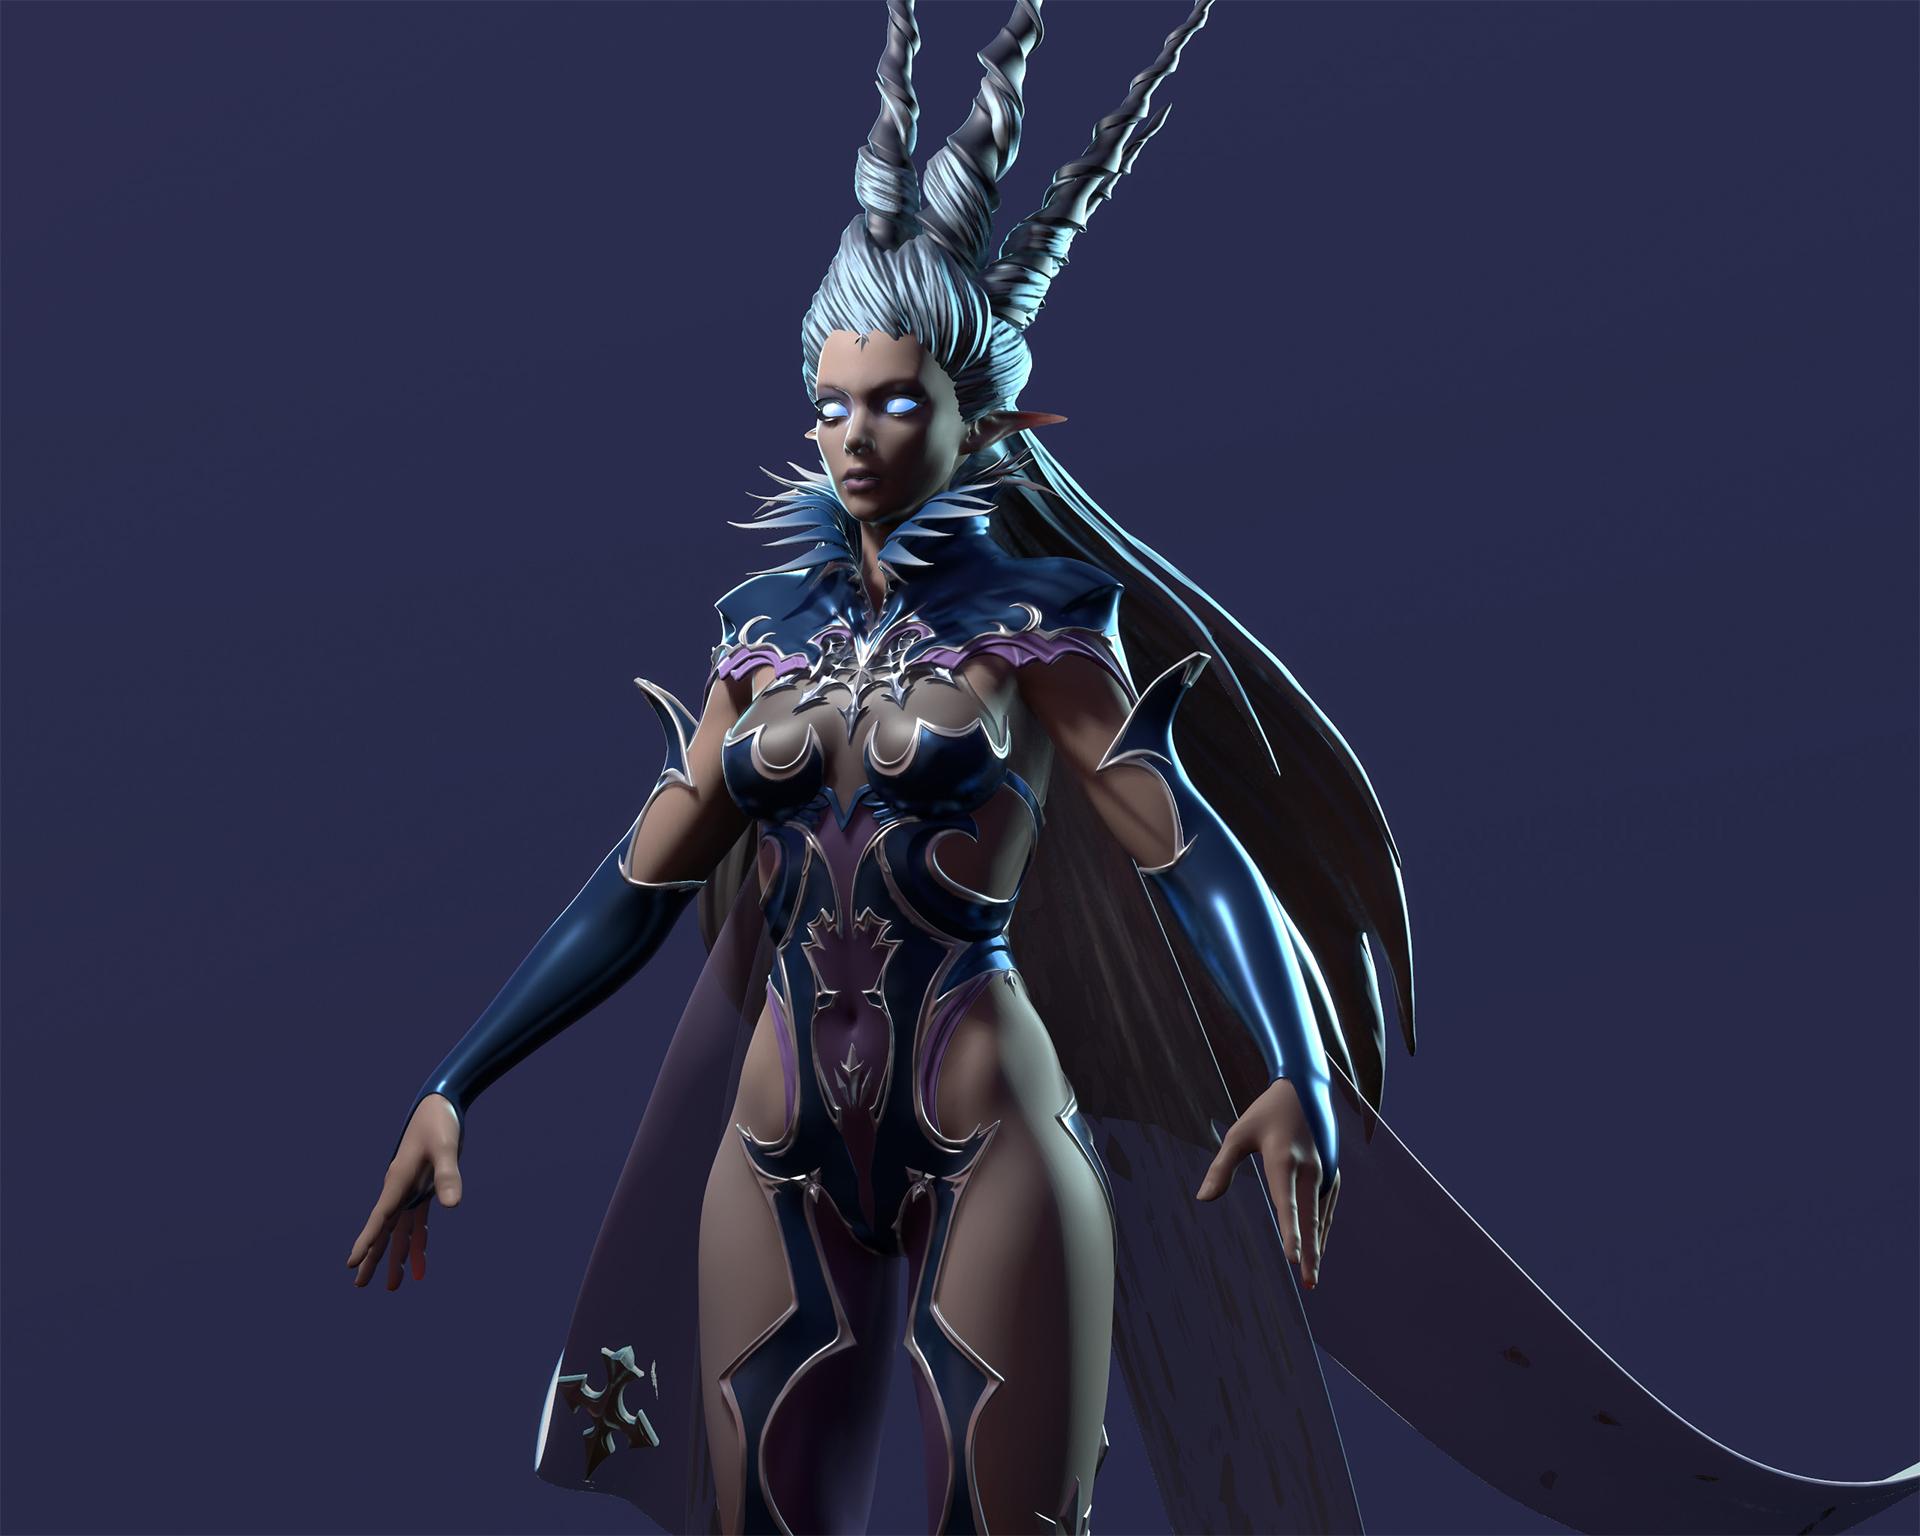 Shiva Final Fantasy XIV Fan art, Sculpt on Behance